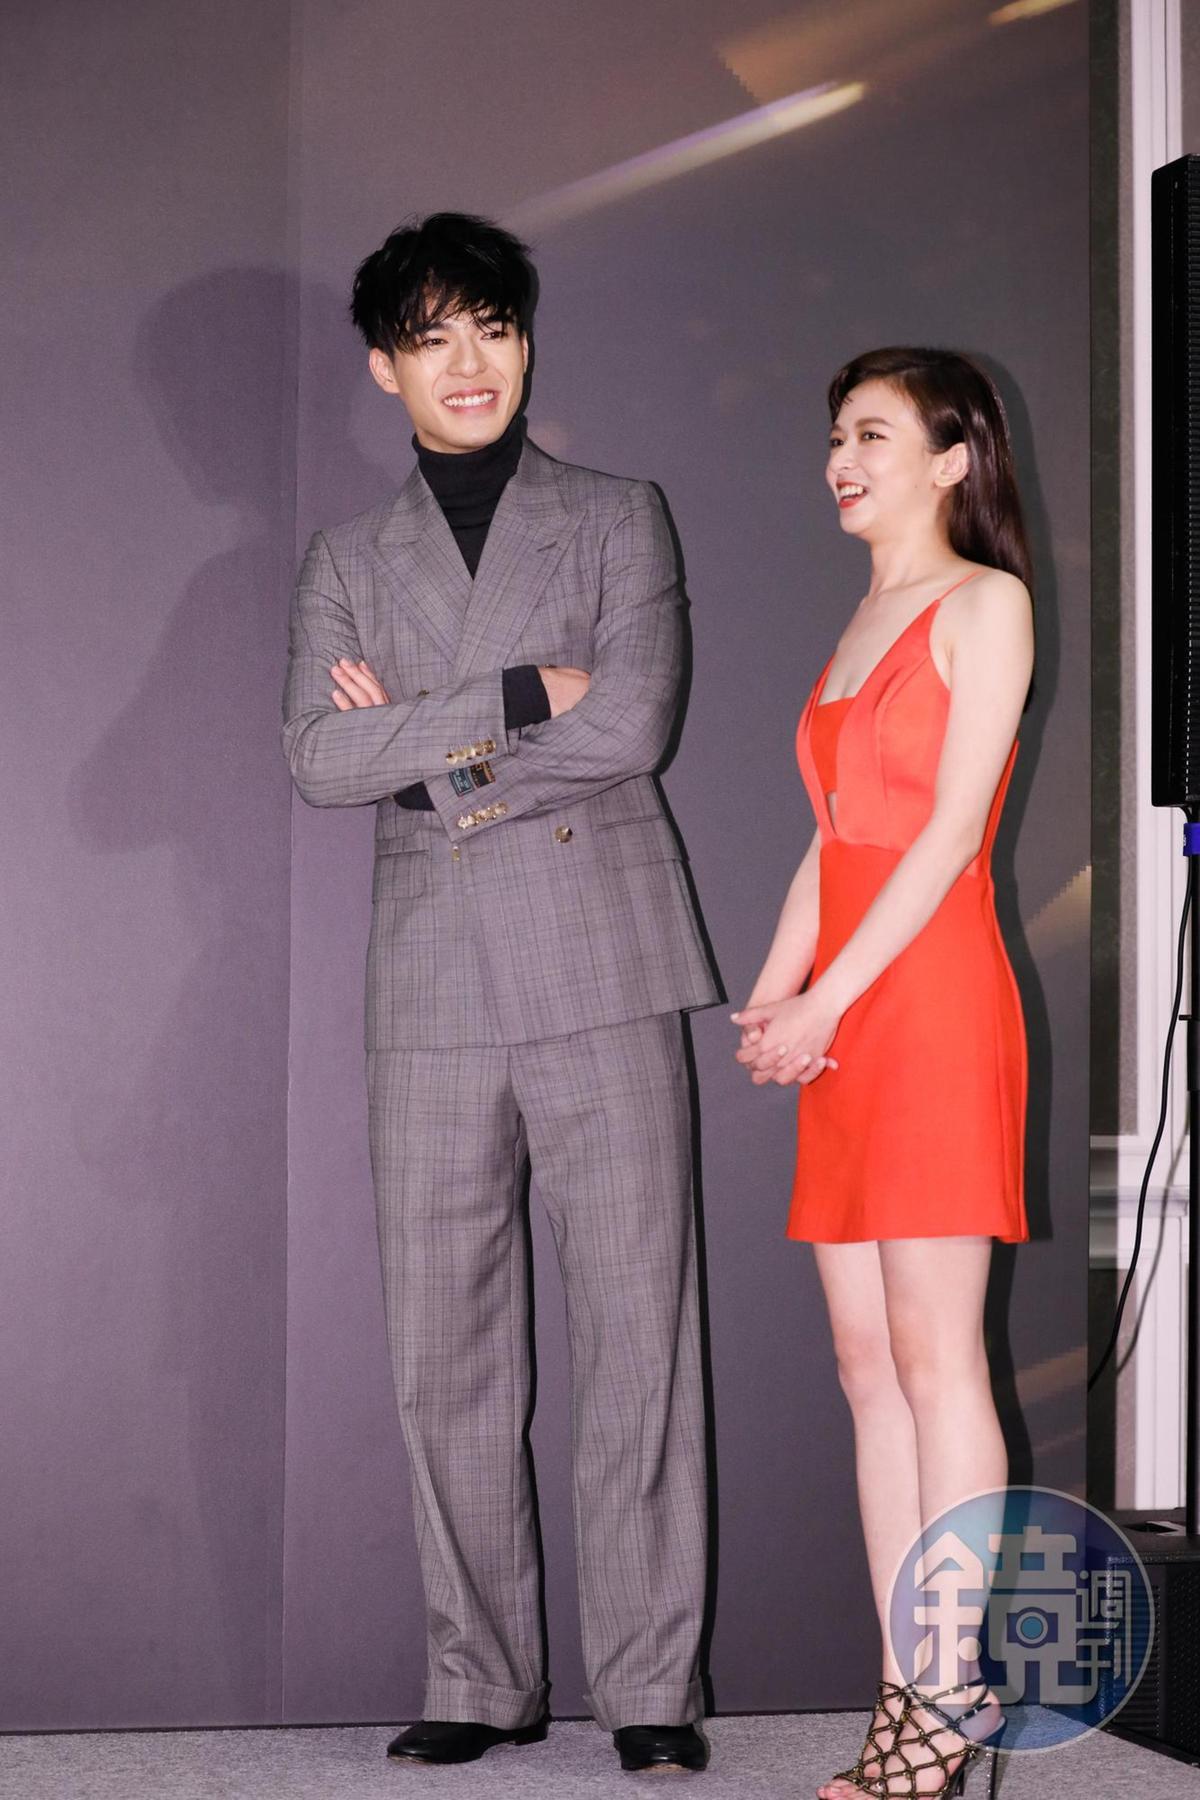 陳妍霏與陳昊森有萌萌的身高差。